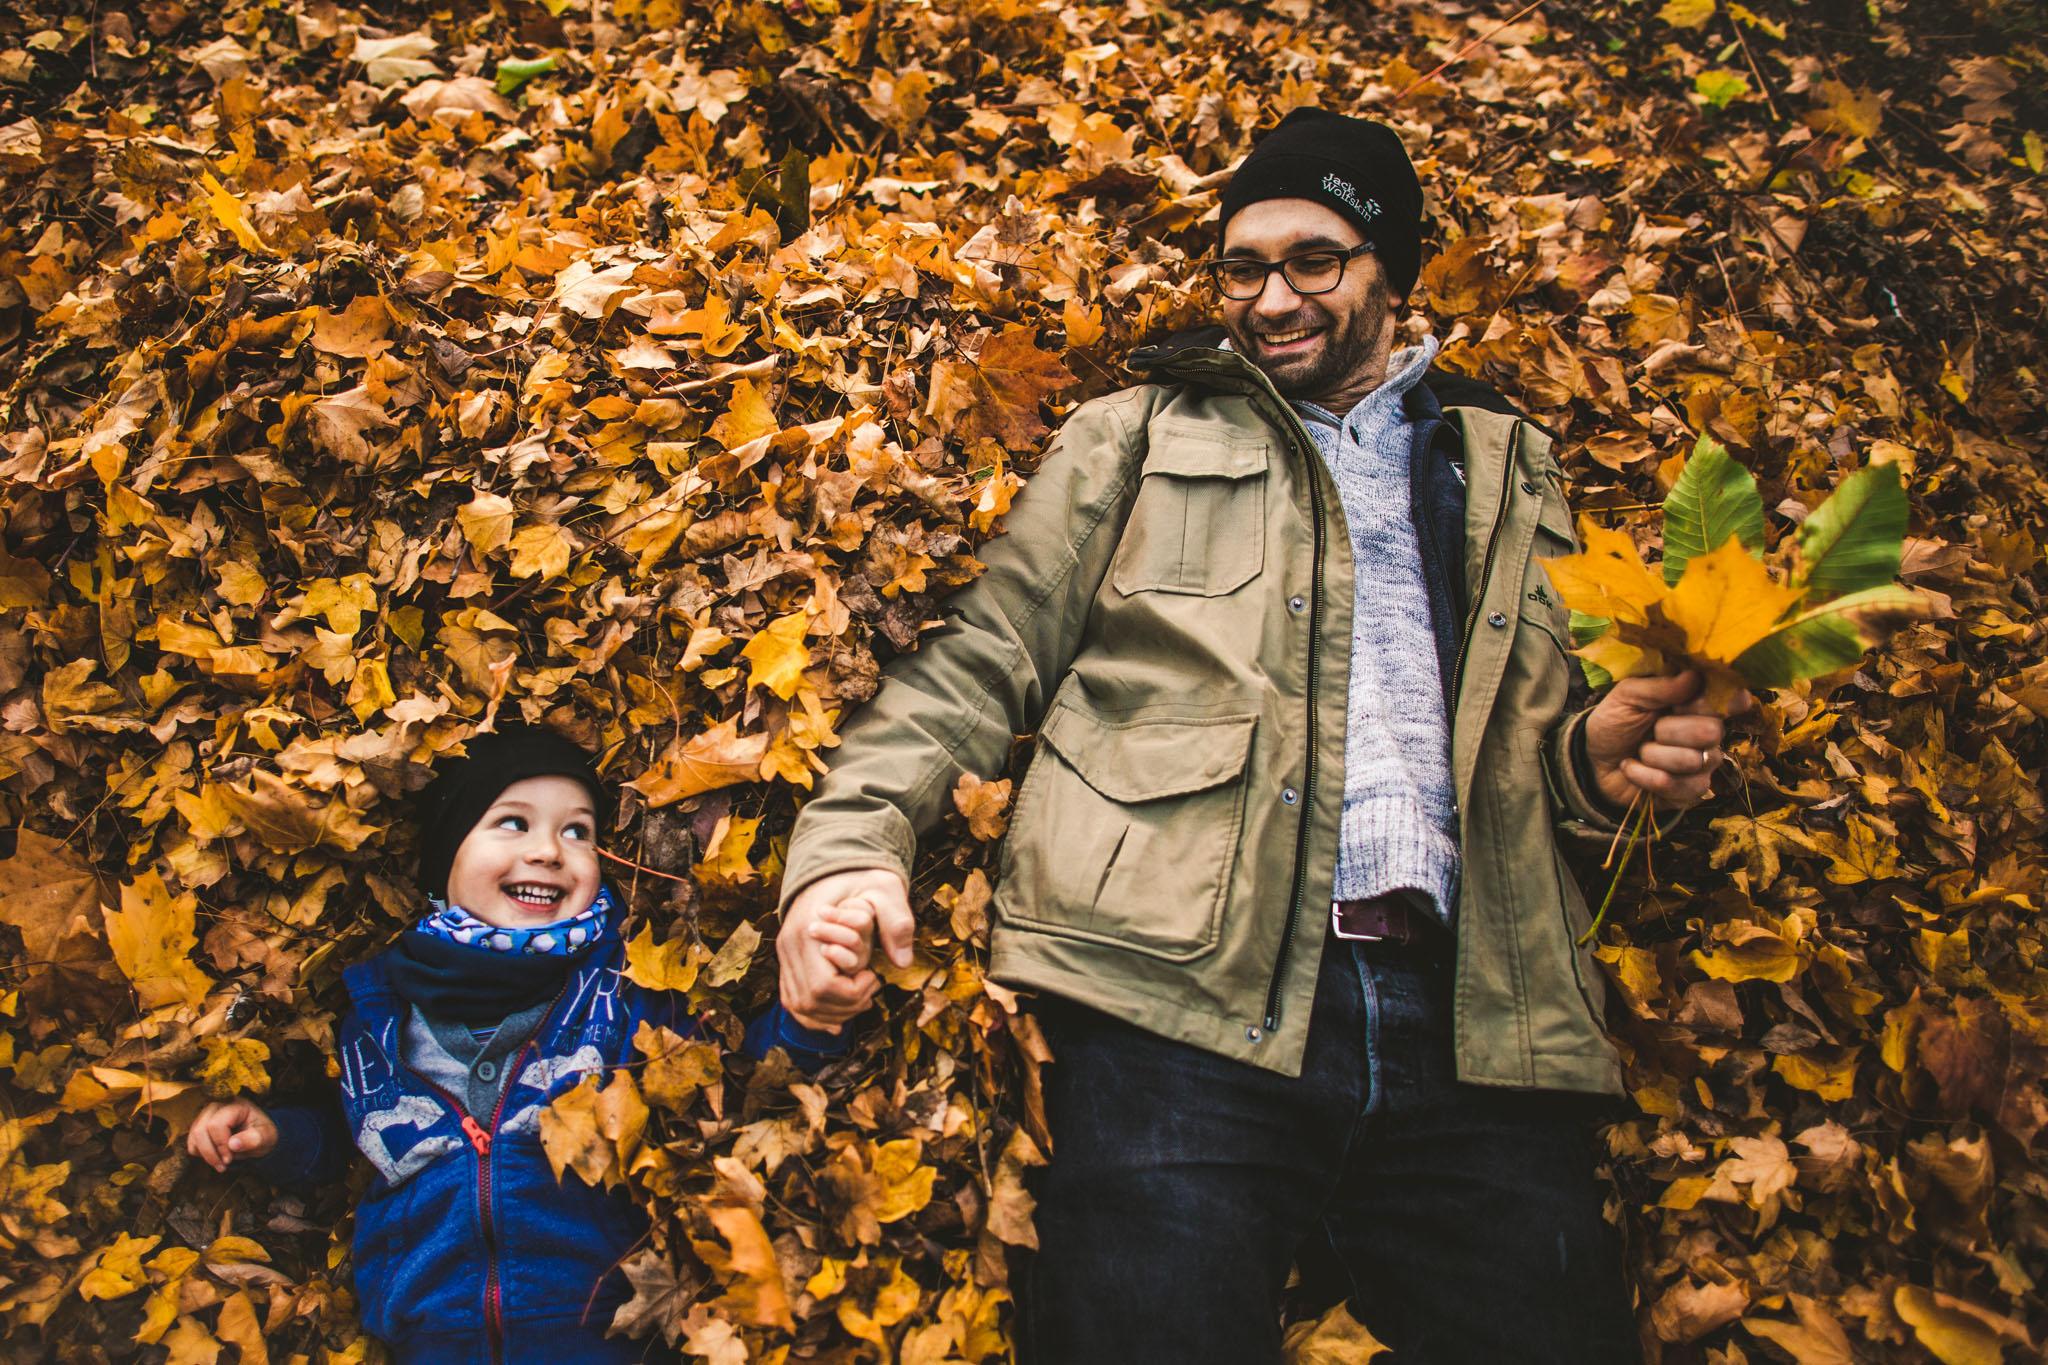 fotoshooting-herbst-familie.jpg